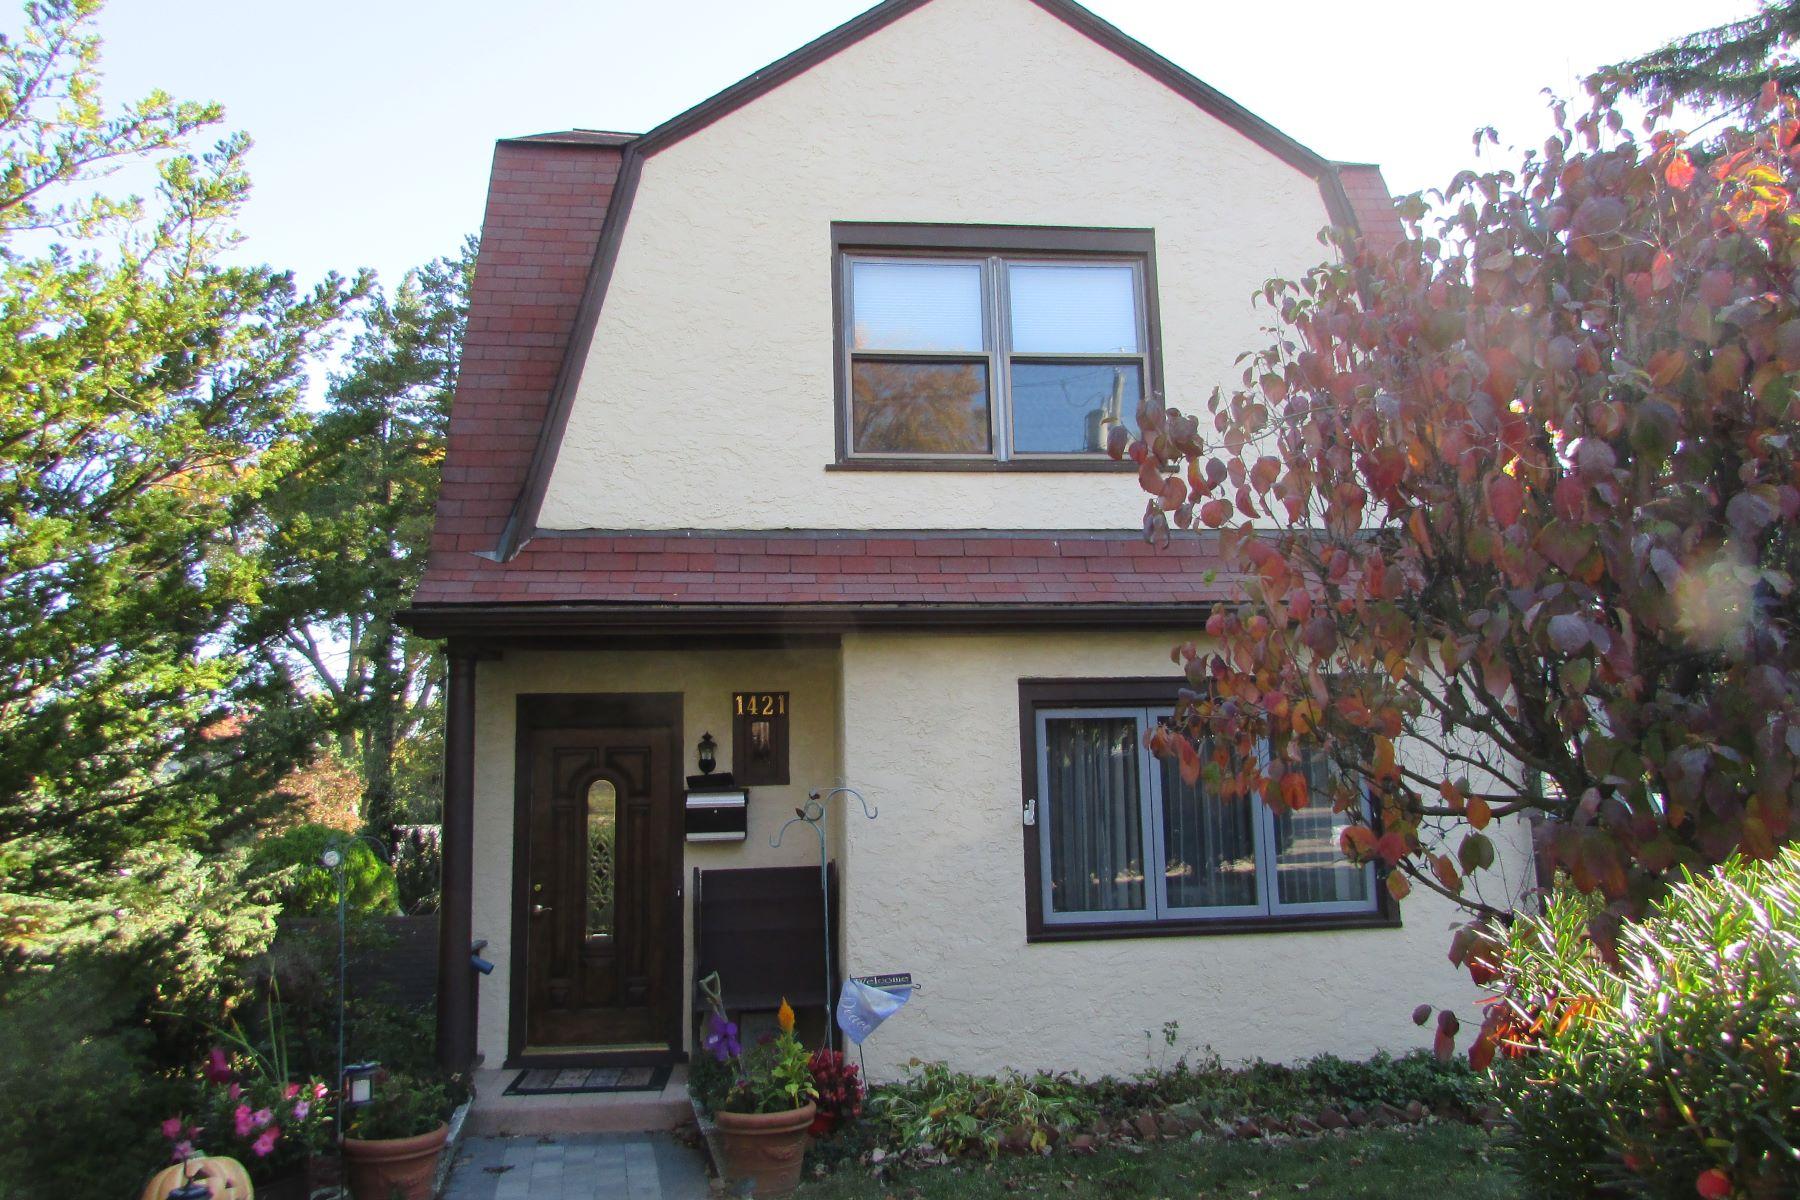 Casa Unifamiliar por un Venta en Lovely Dutch Colonial in Mamaroneck 1421 James Street, Mamaroneck, Nueva York, 10543 Estados Unidos